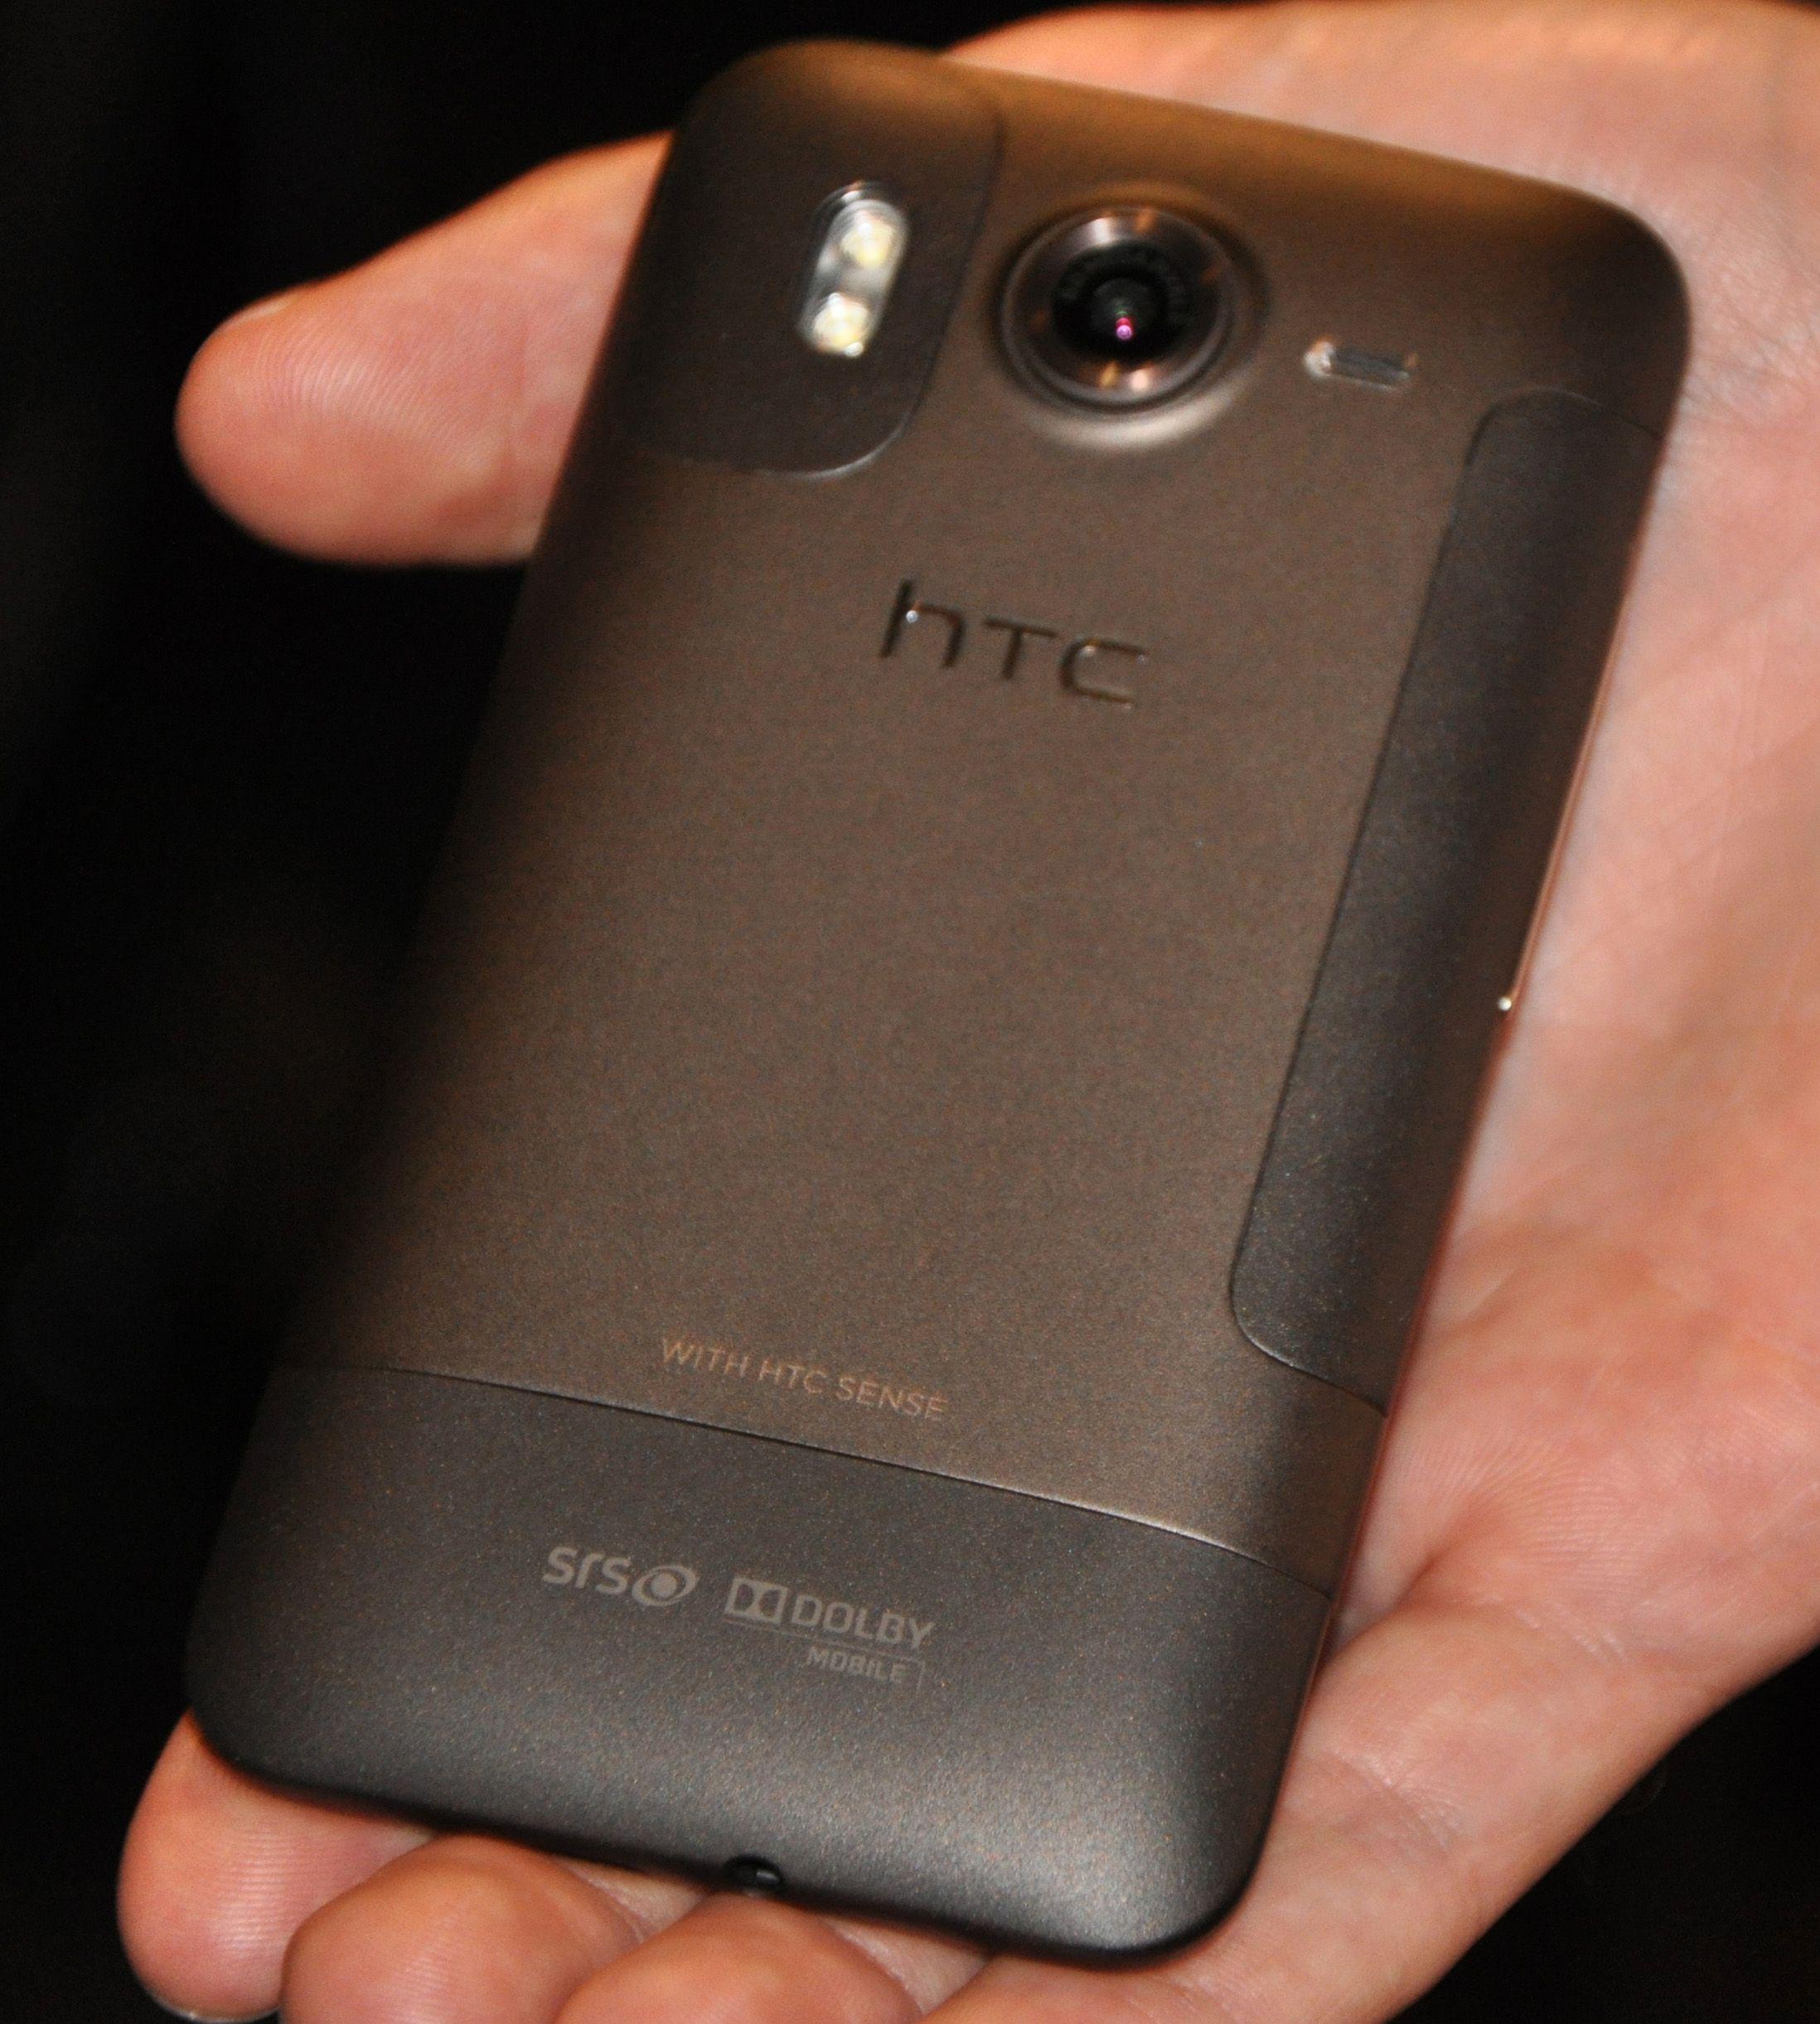 Slik ser baksiden av Desire HD ut. Til høyre ses batteriluken som kan åpnes. Telefonen kjennes svært solid i hånden.